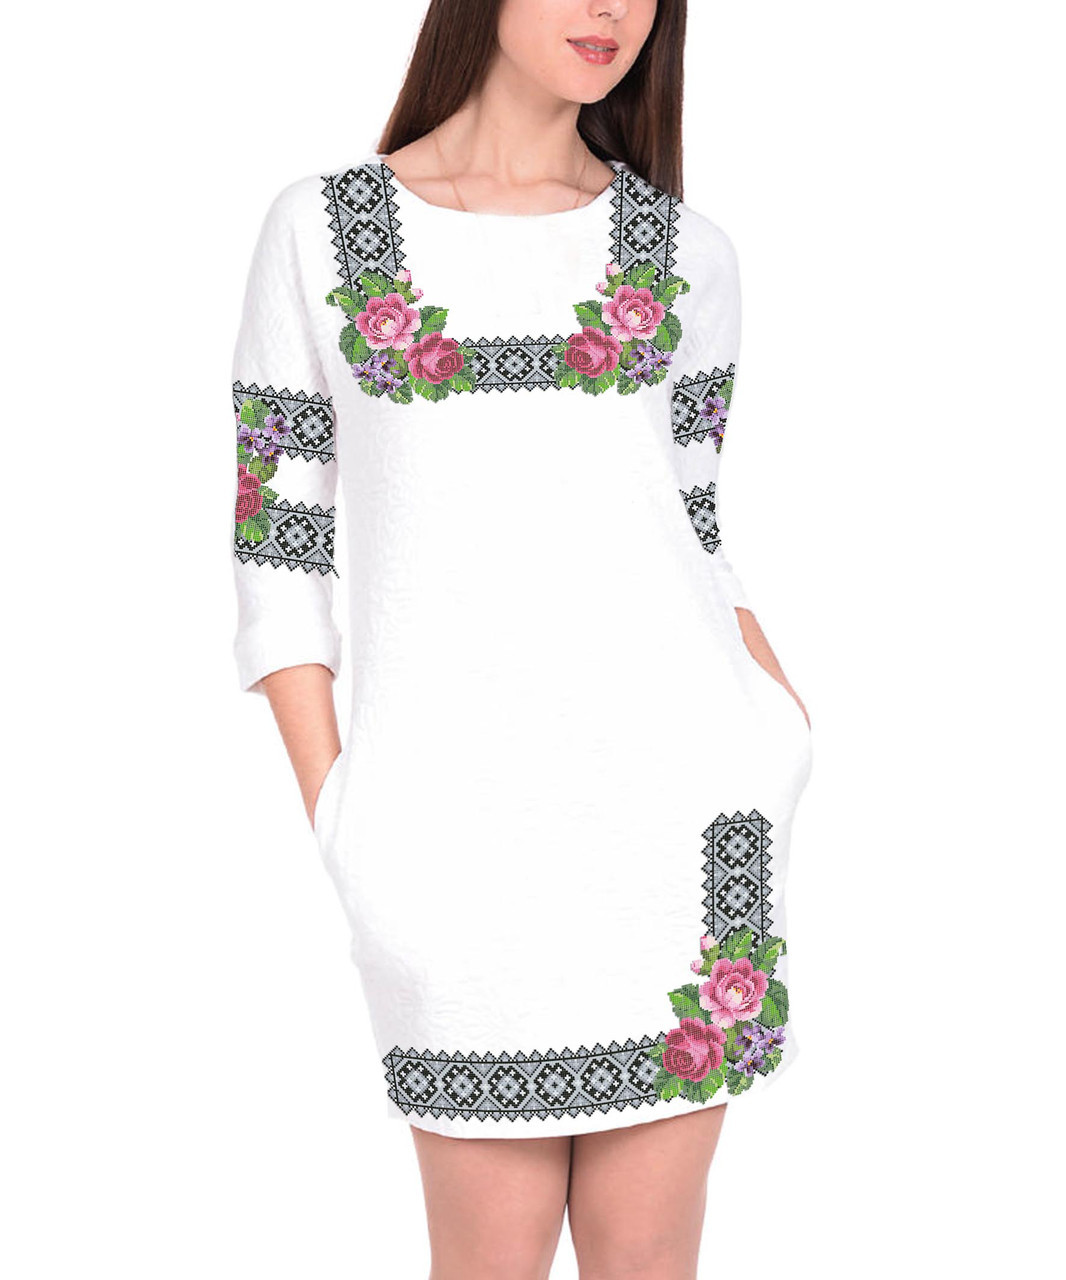 Заготовка женского платья для вышивки / вышивания бисером / ниткой «Святкове»